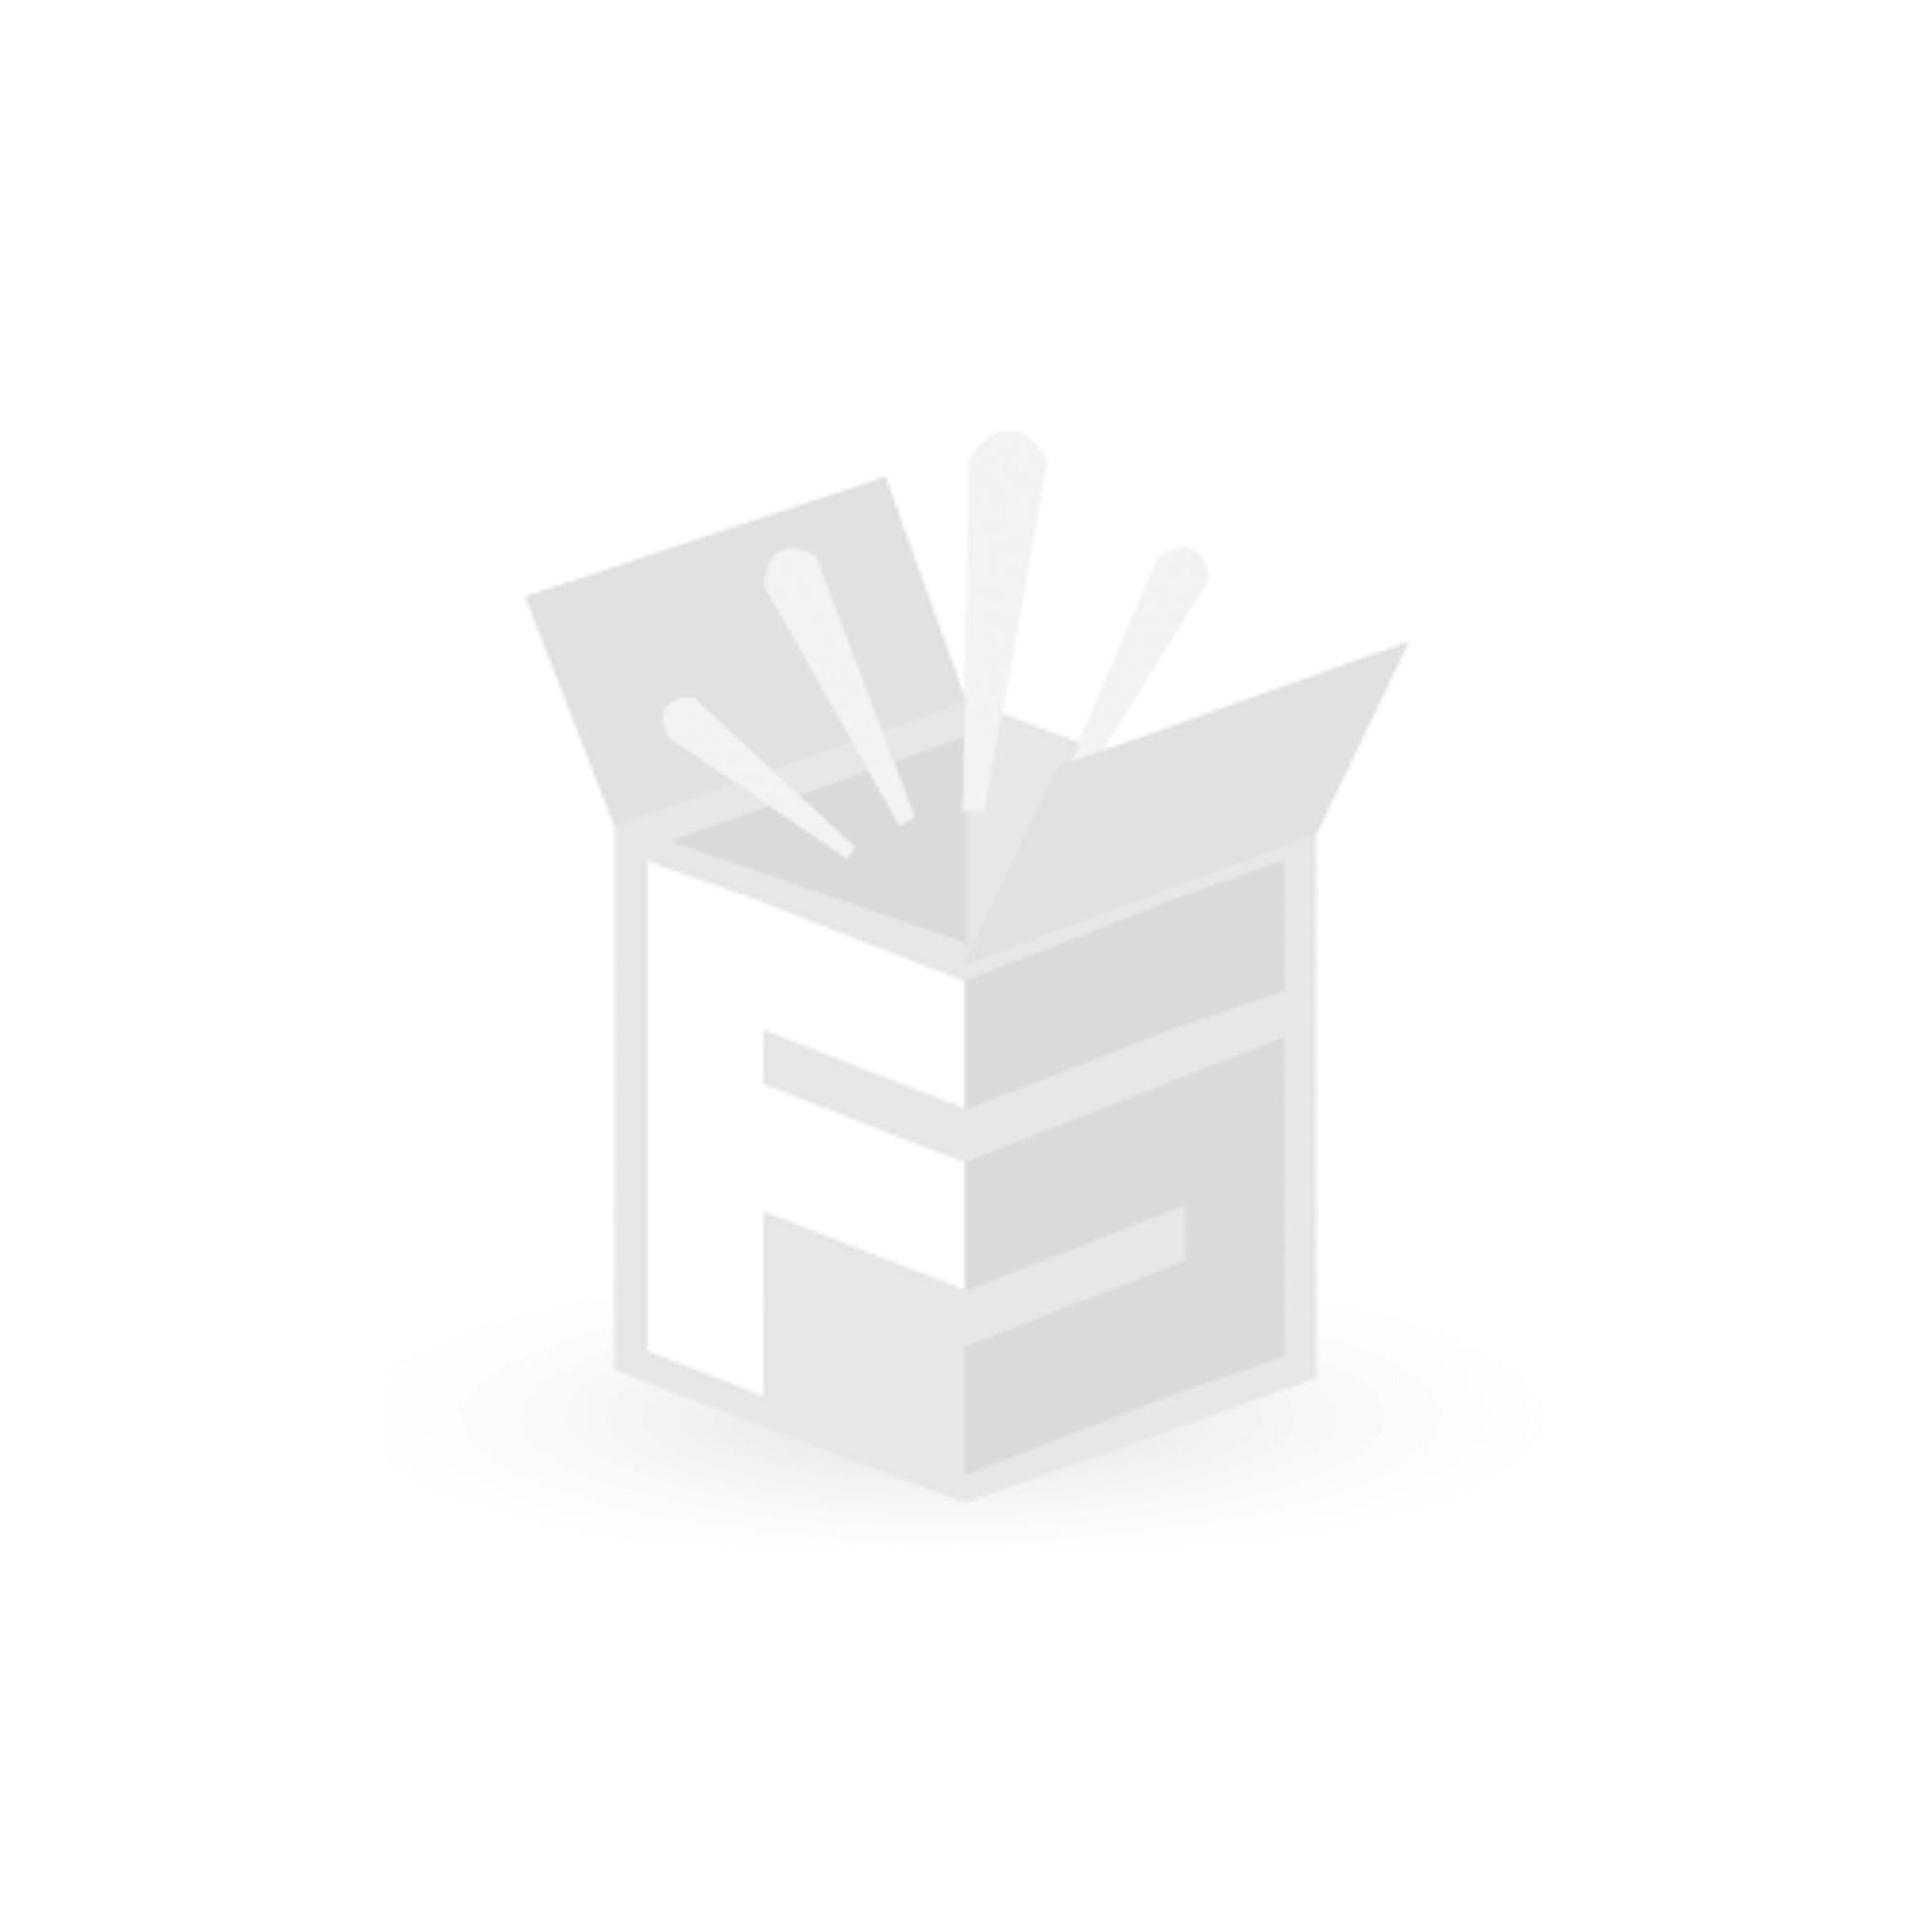 Swiffer Plumeau poussière paquet de remplissage, 20 pièces